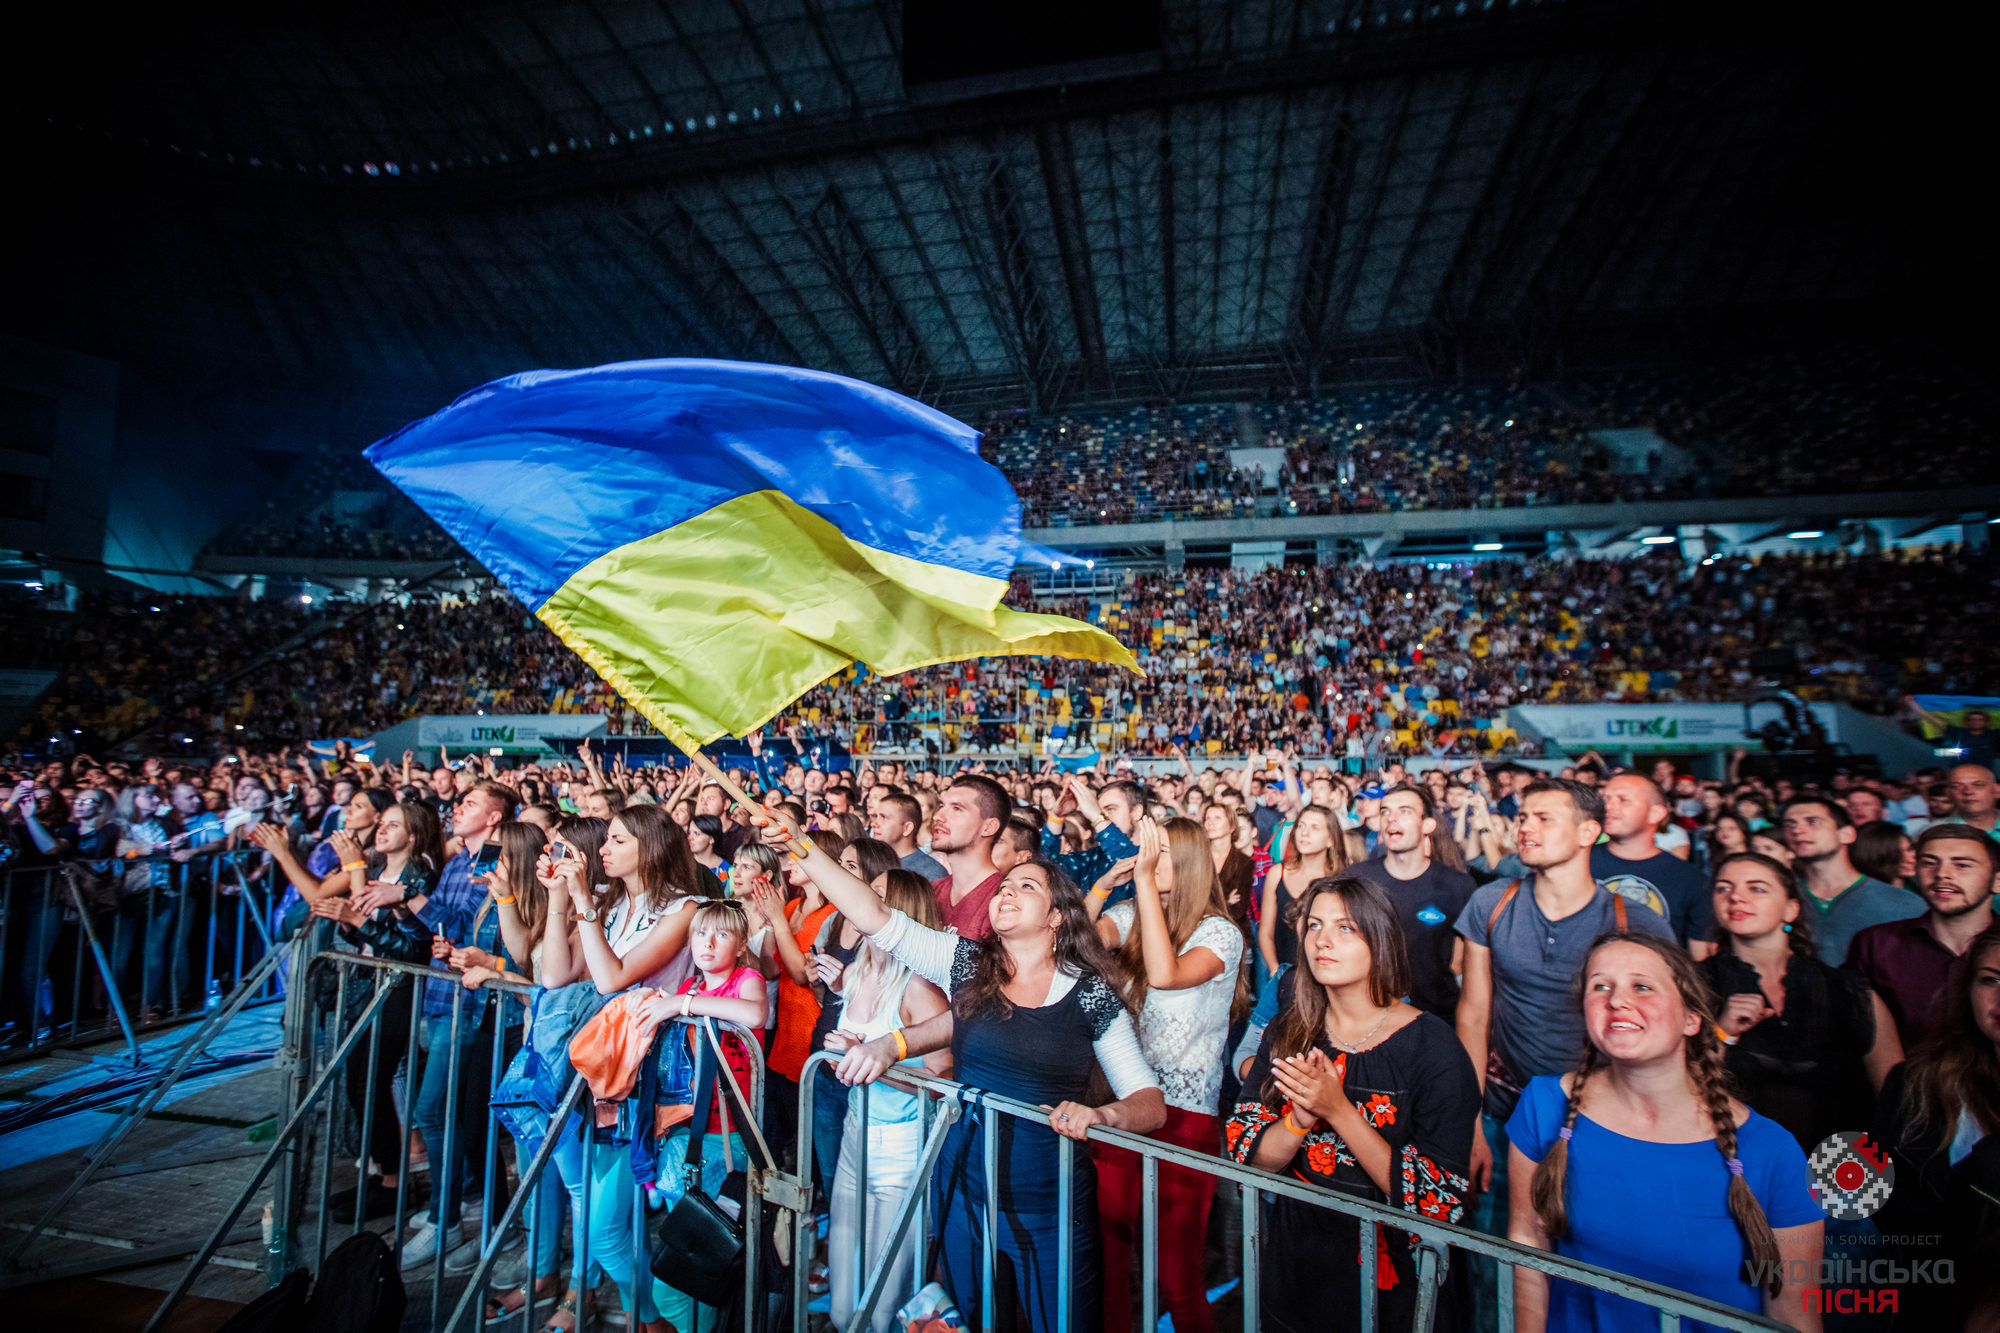 «Українська пісня 2018» назвала перших хедлайнерів: «ВВ», Pianoбой, О.Torvald, Alyosha